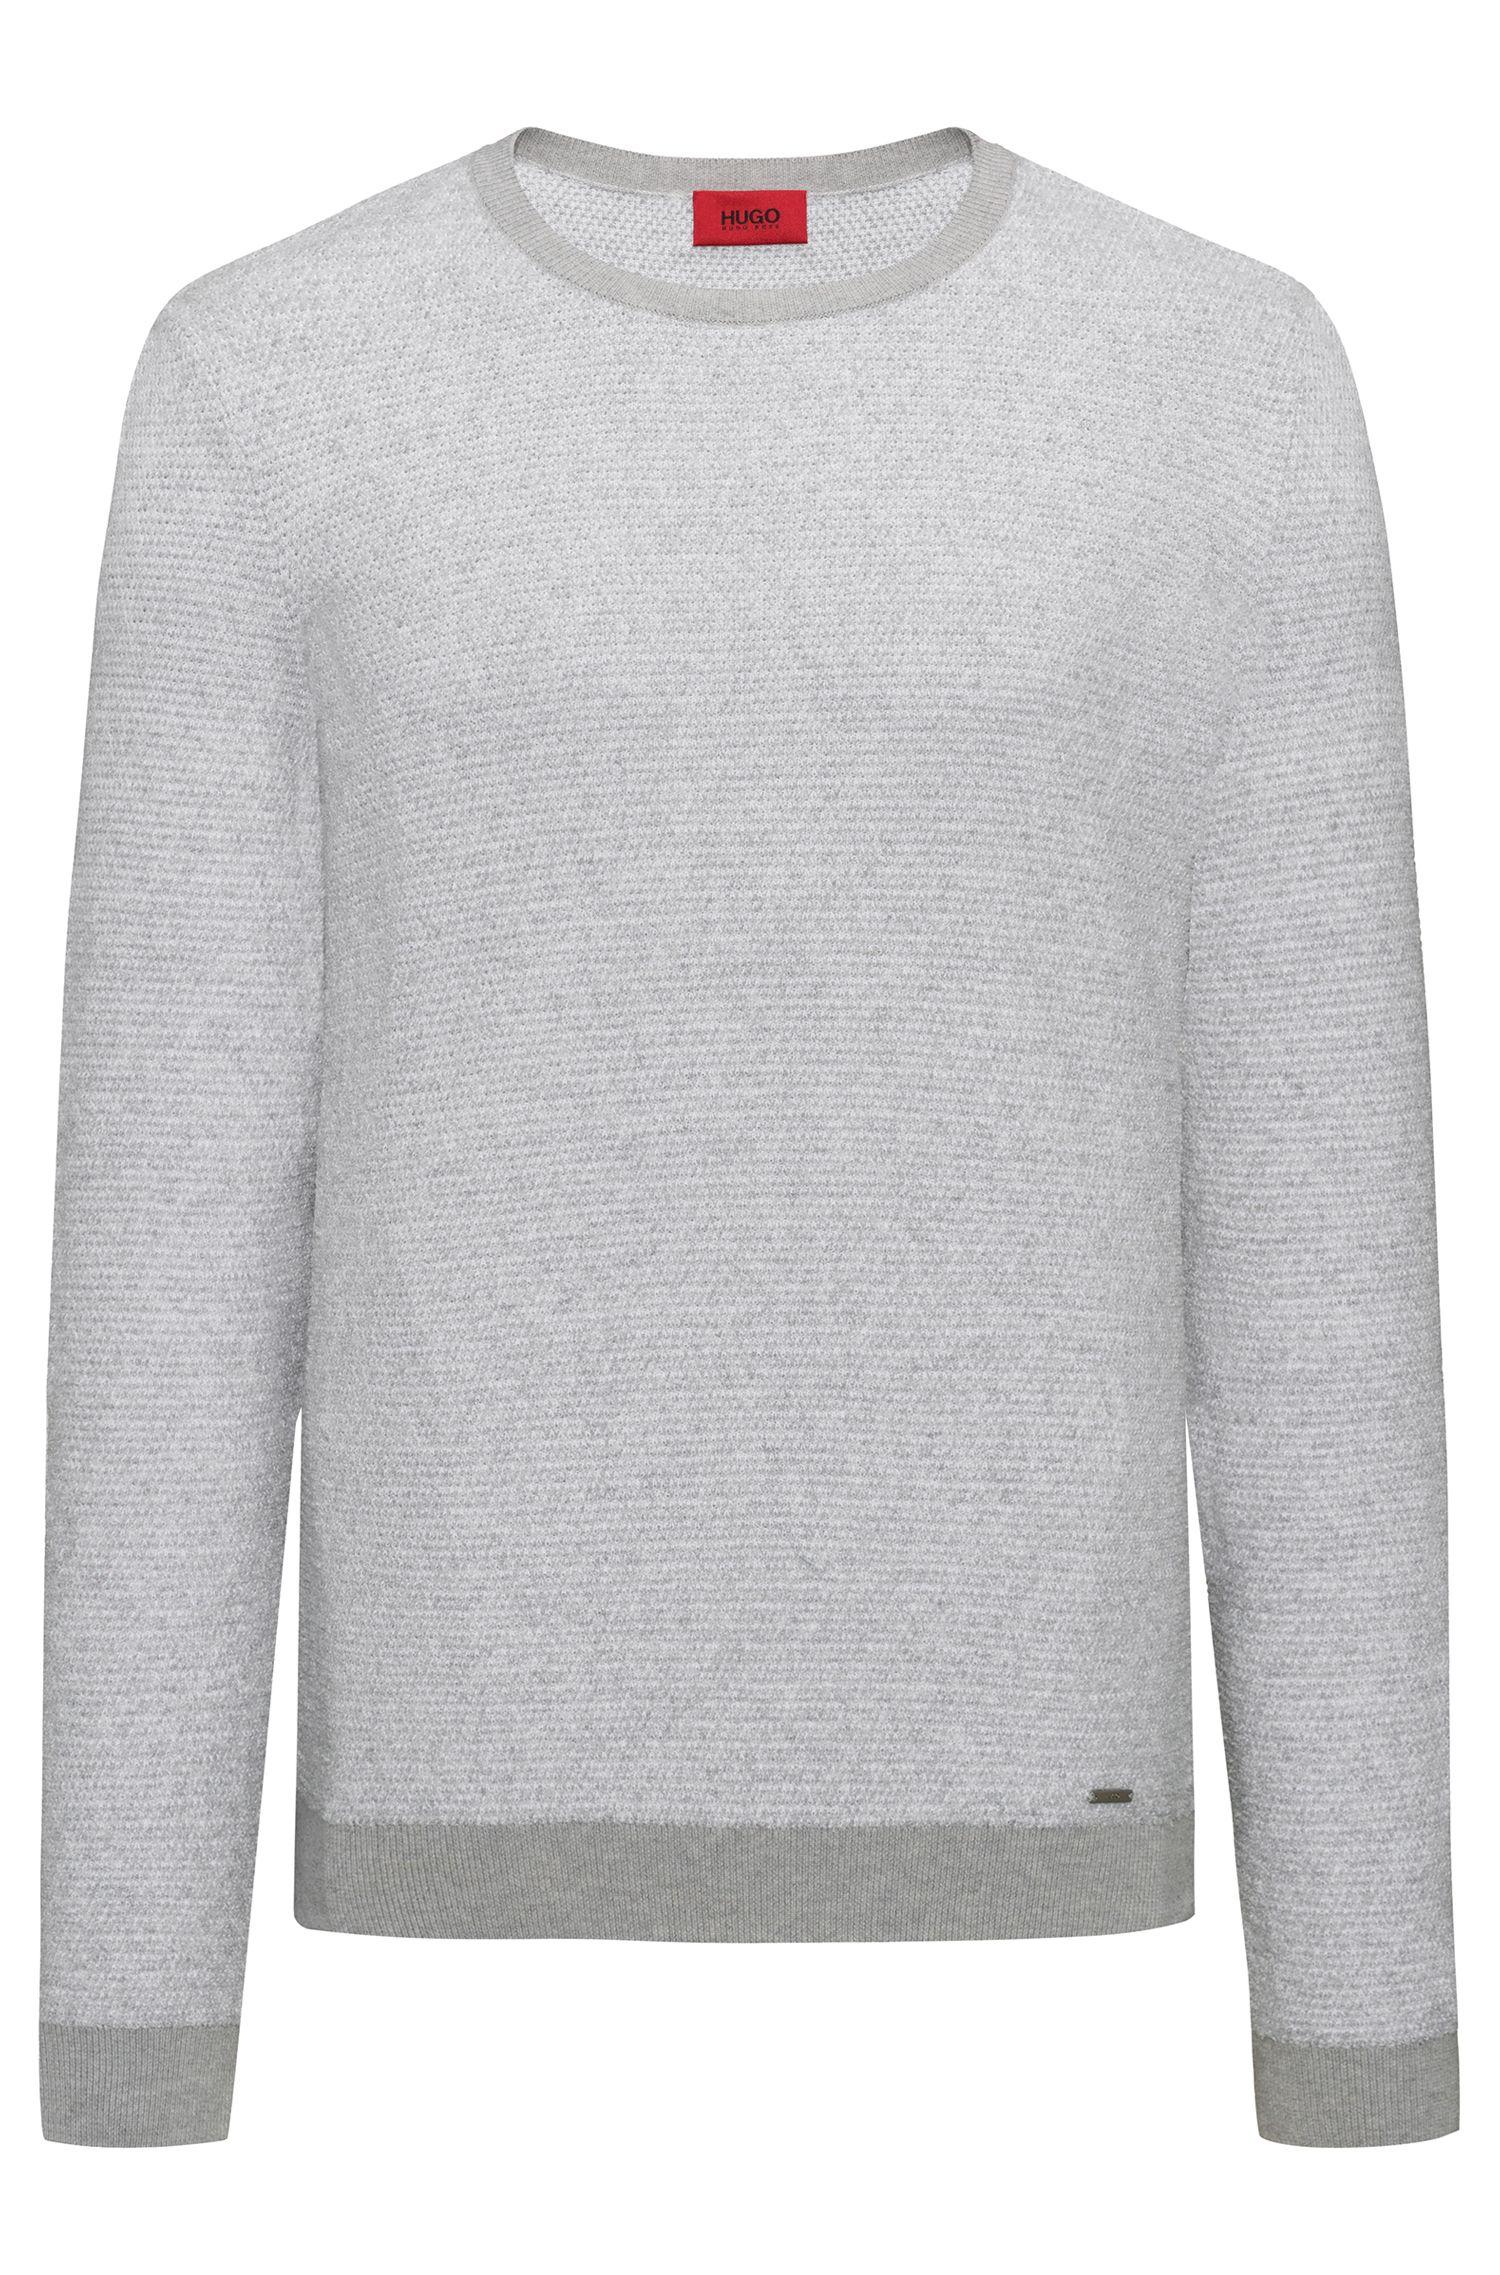 Pullover aus strukturiertem Baumwoll-Mix mit Rundhalsausschnitt